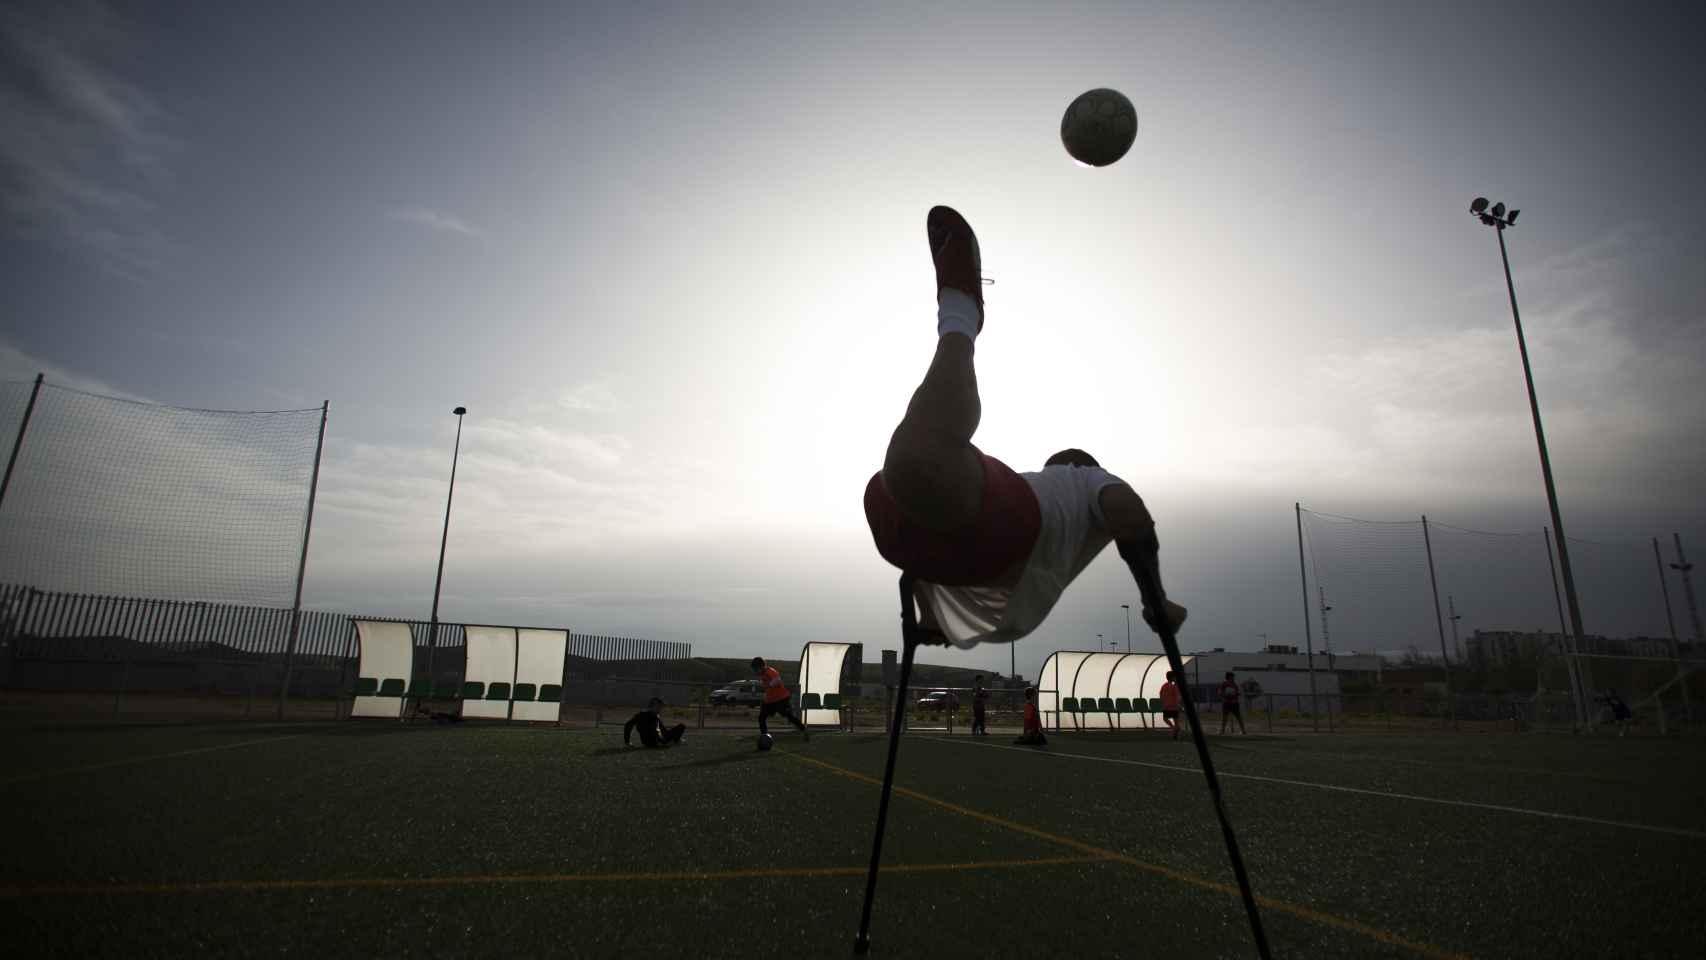 Uno de los jugadores de la selección española de amputados haciendo 'el escorpión'. Foto Fernando Ruso